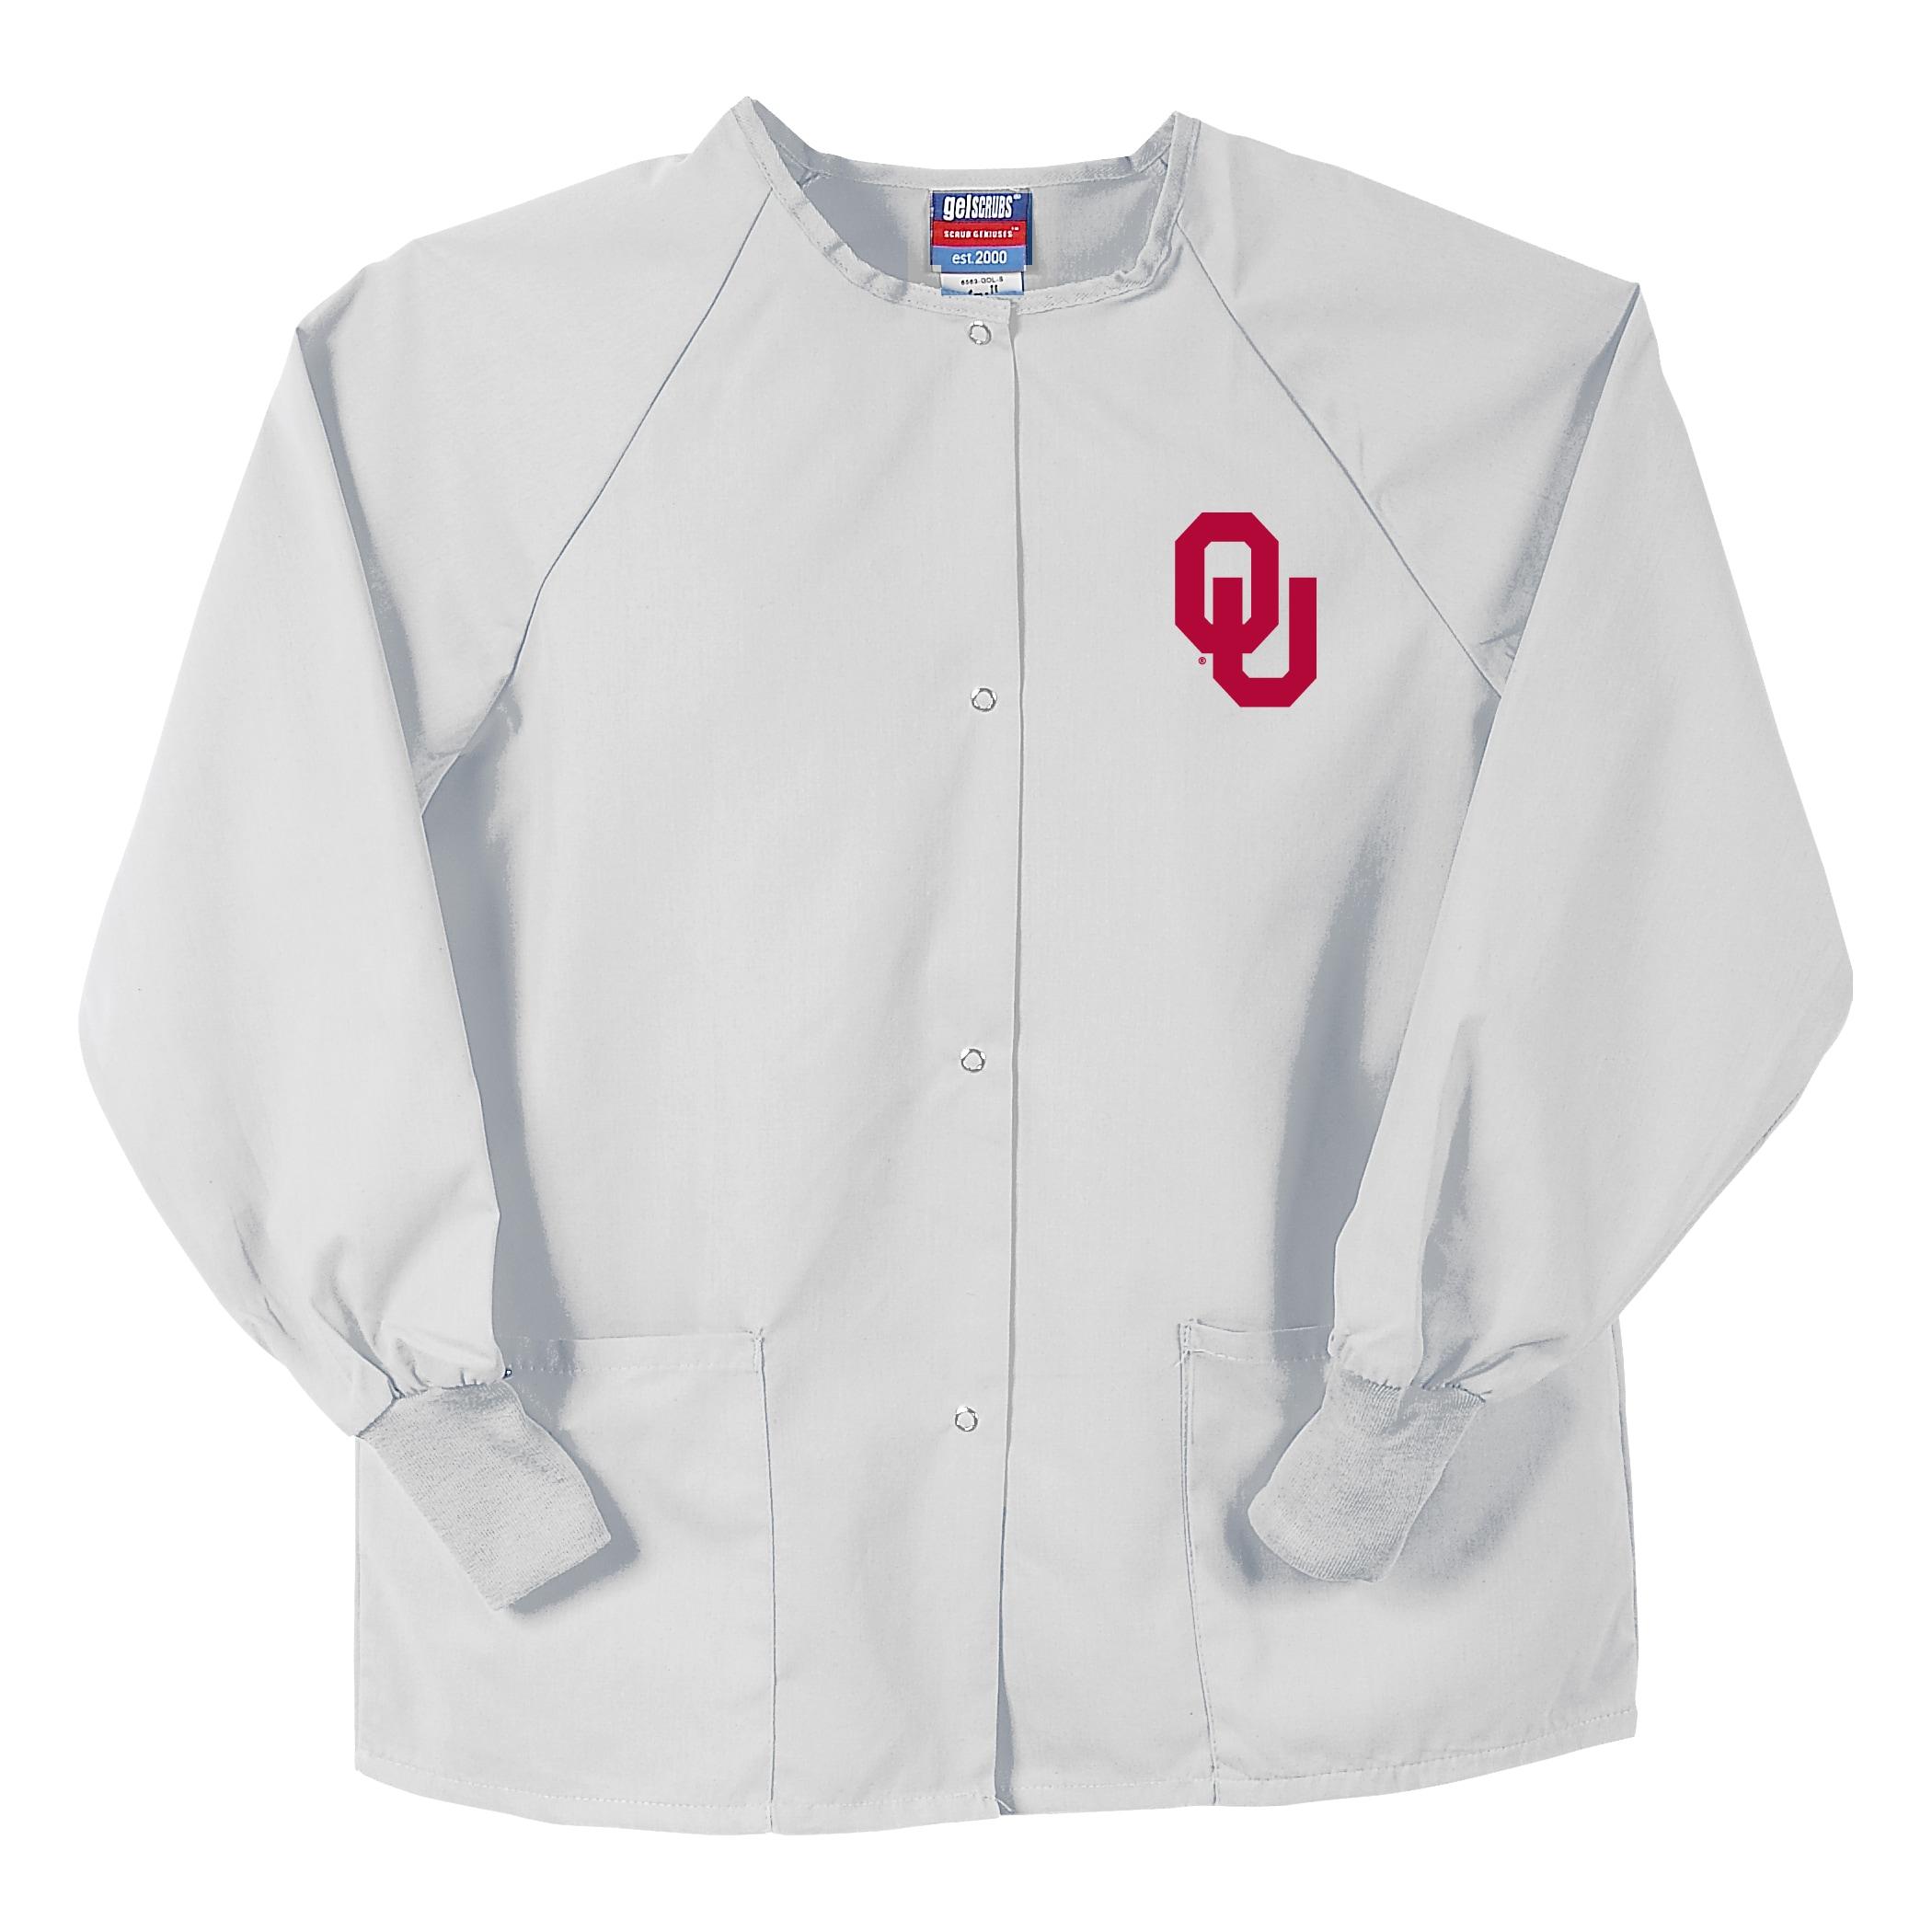 Gelscrubs Unisex White NCAA Oklahoma Sooners Nurse Jacket